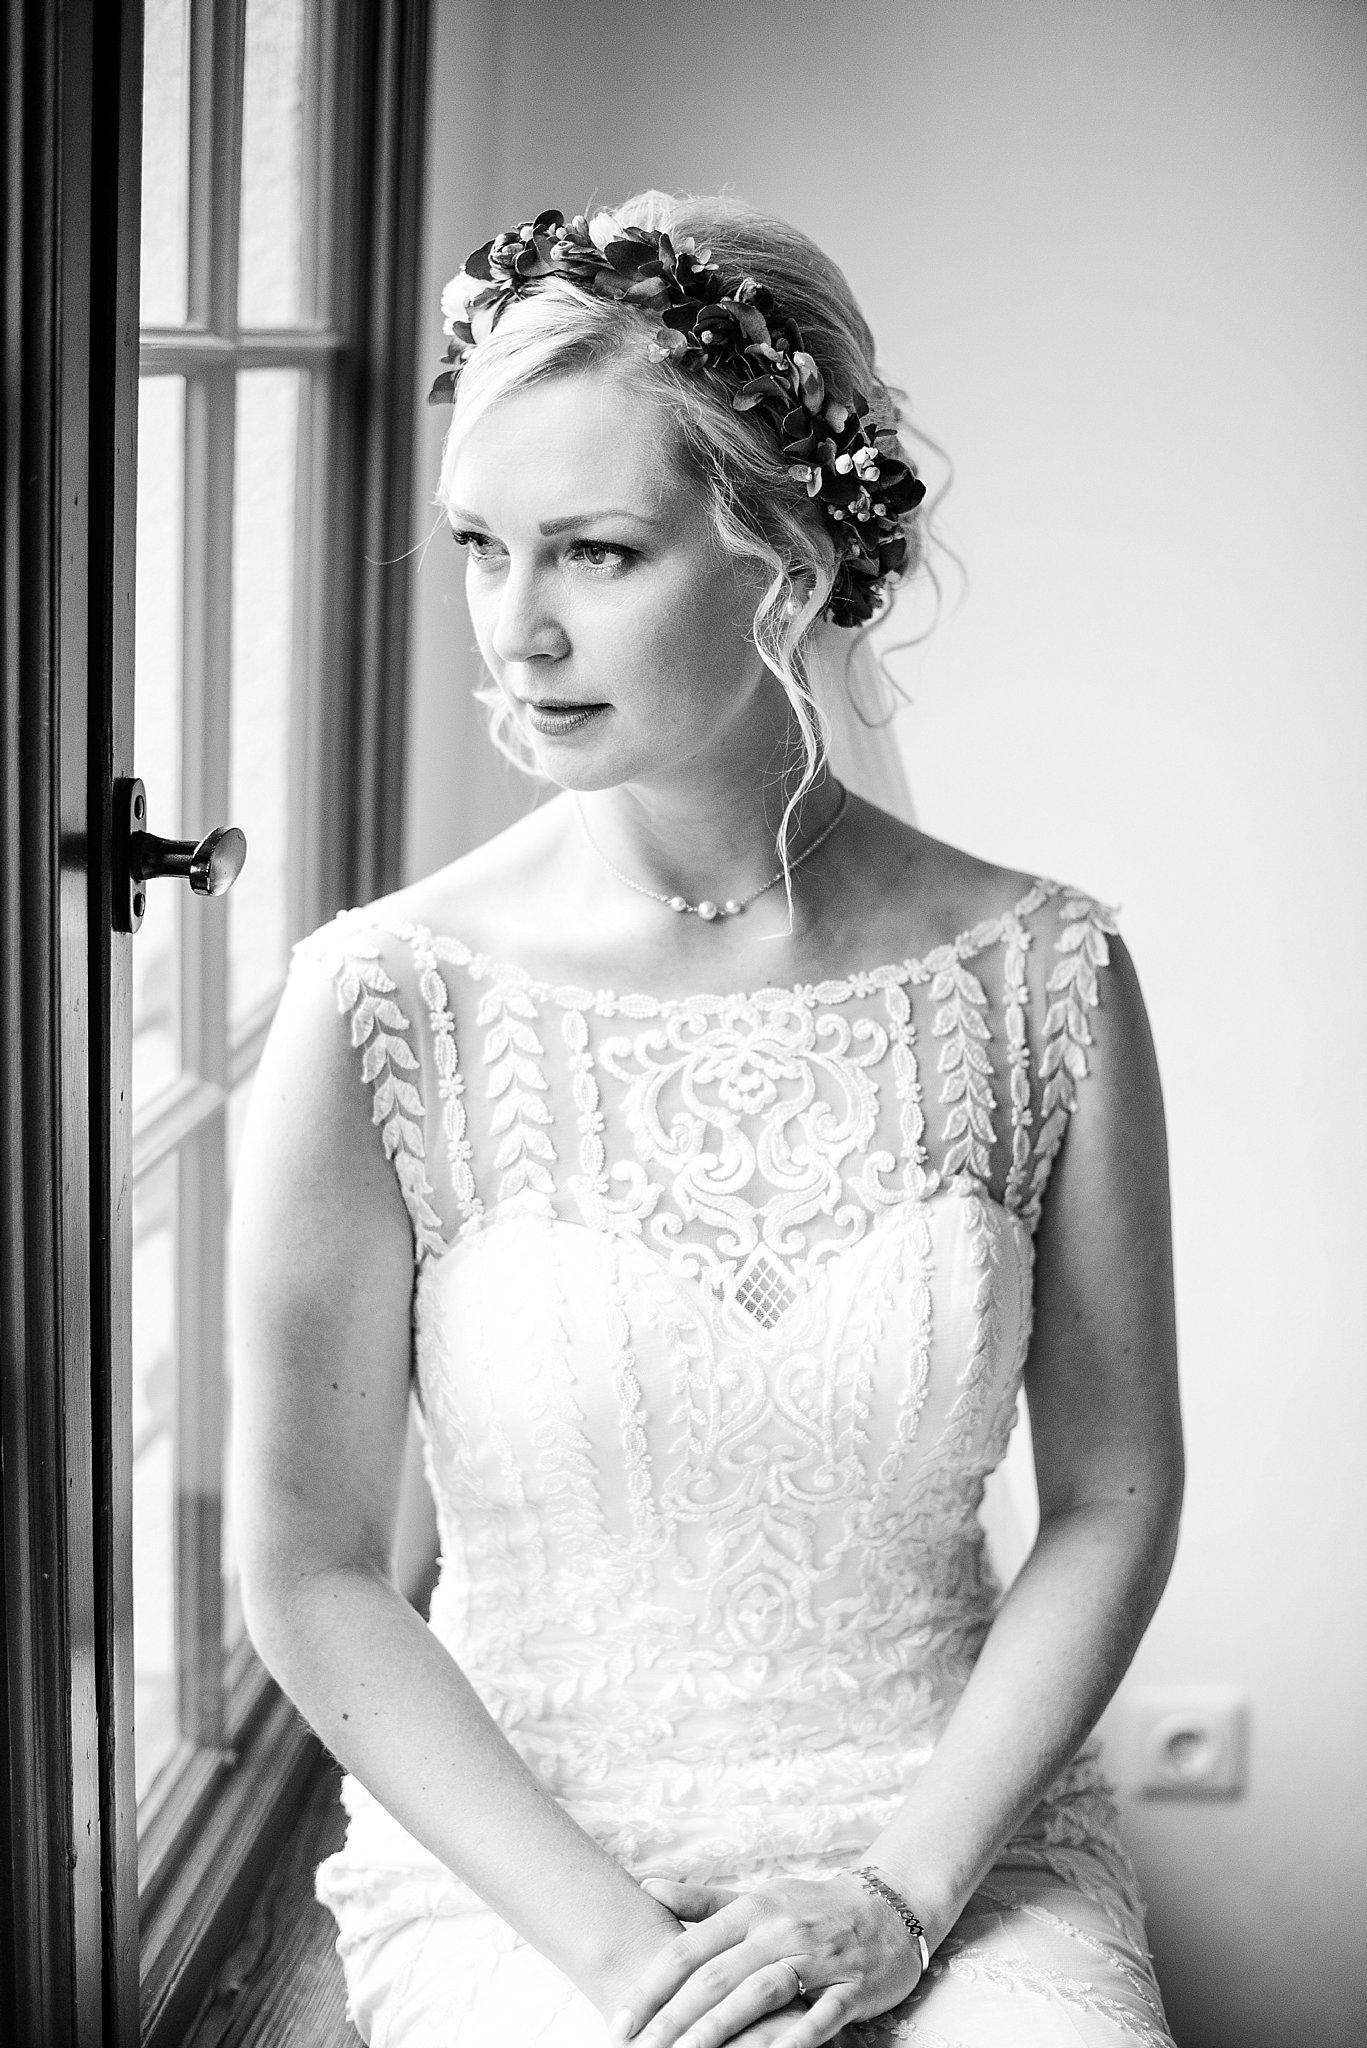 Hochzeit-von-Marina-Dominik-auf-Burg-Wernberg-und-Schloss-Friedrichsburg-00101